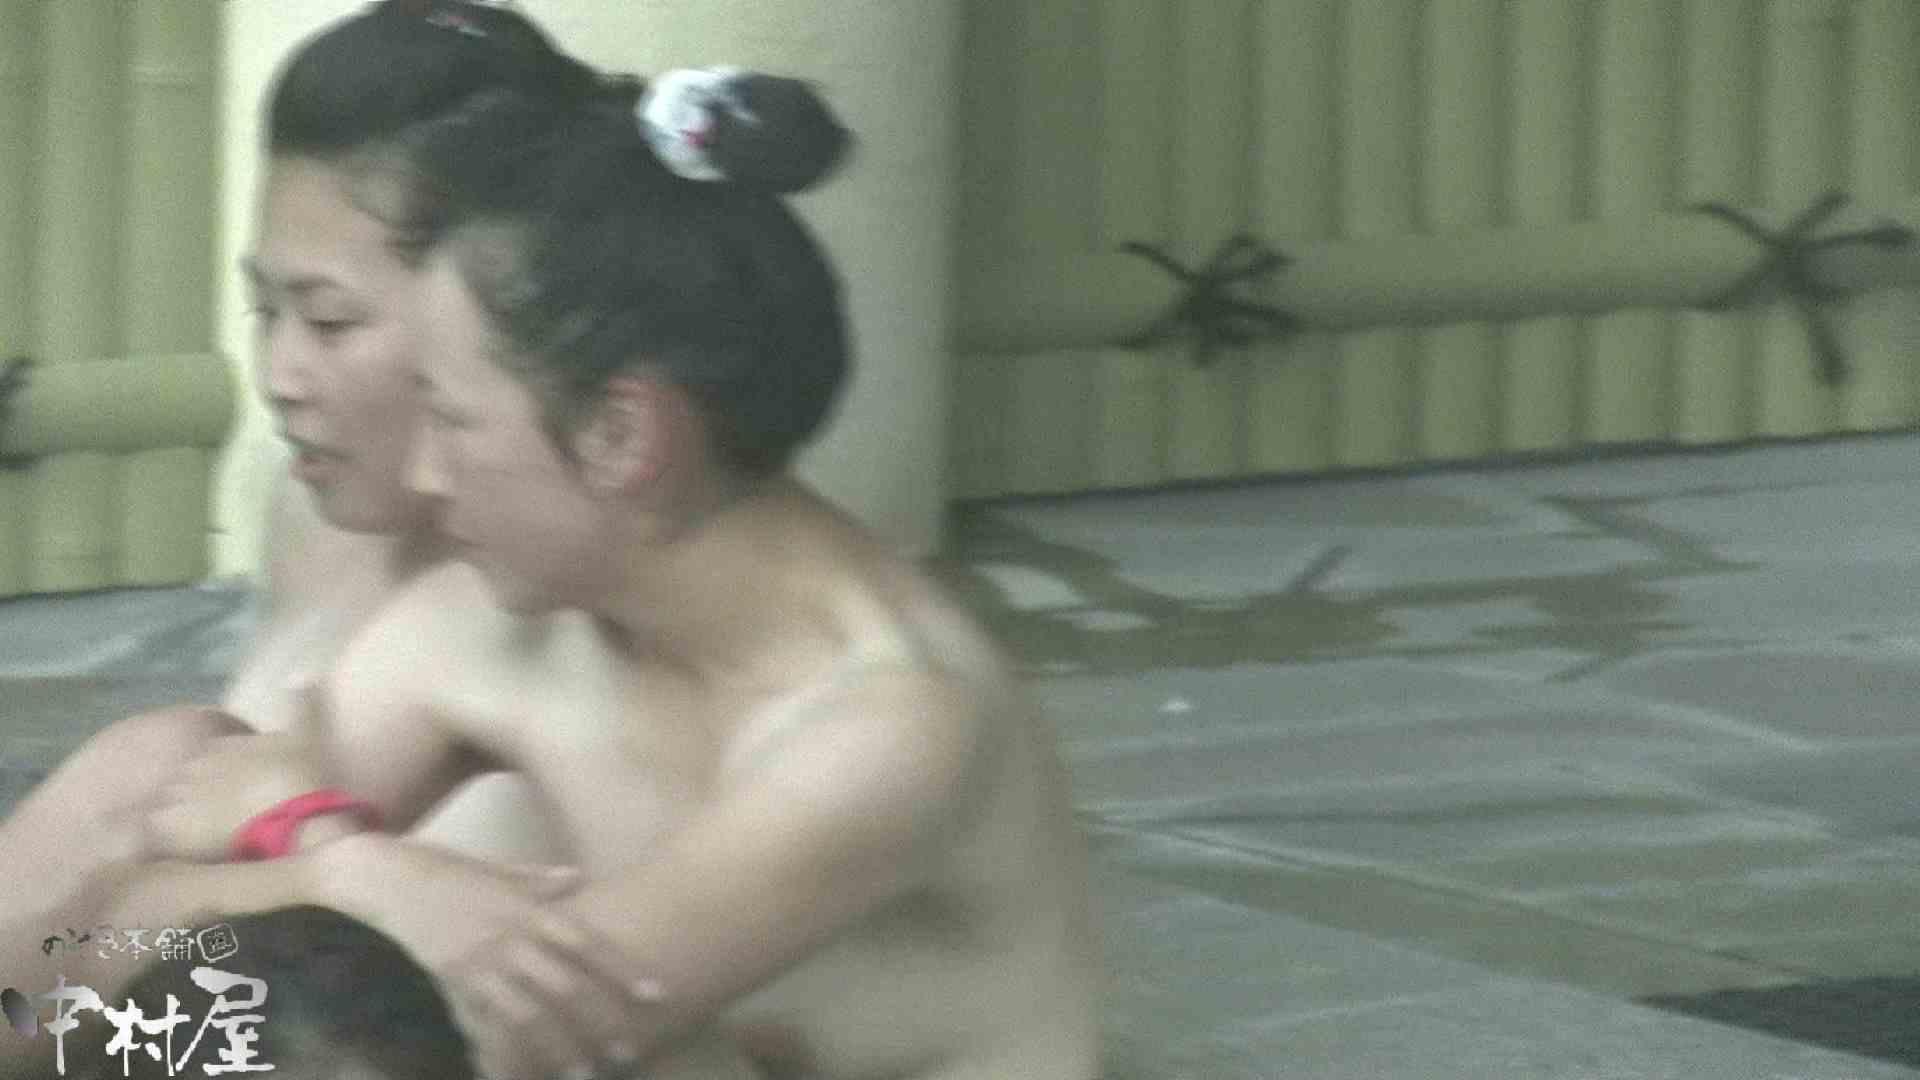 Aquaな露天風呂Vol.911 露天 | 盗撮  107画像 94